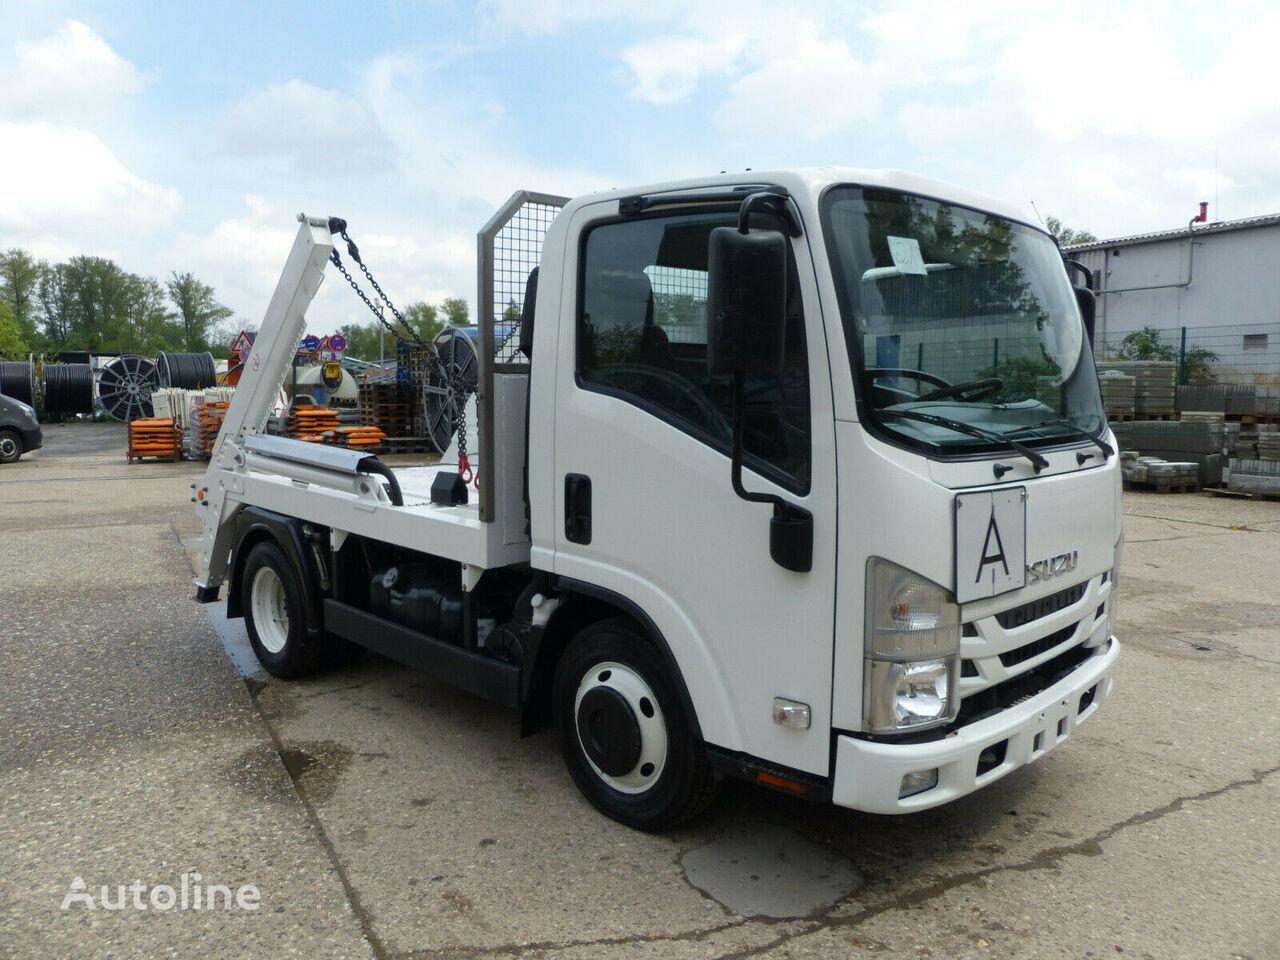 ISUZU N2R 85 E 3.0  skip loader truck